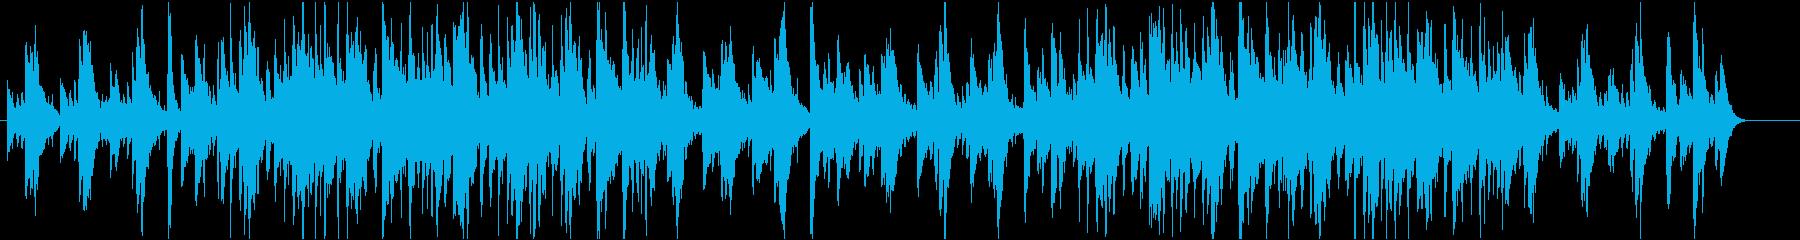 中世ヨーロッパ風BGMの再生済みの波形